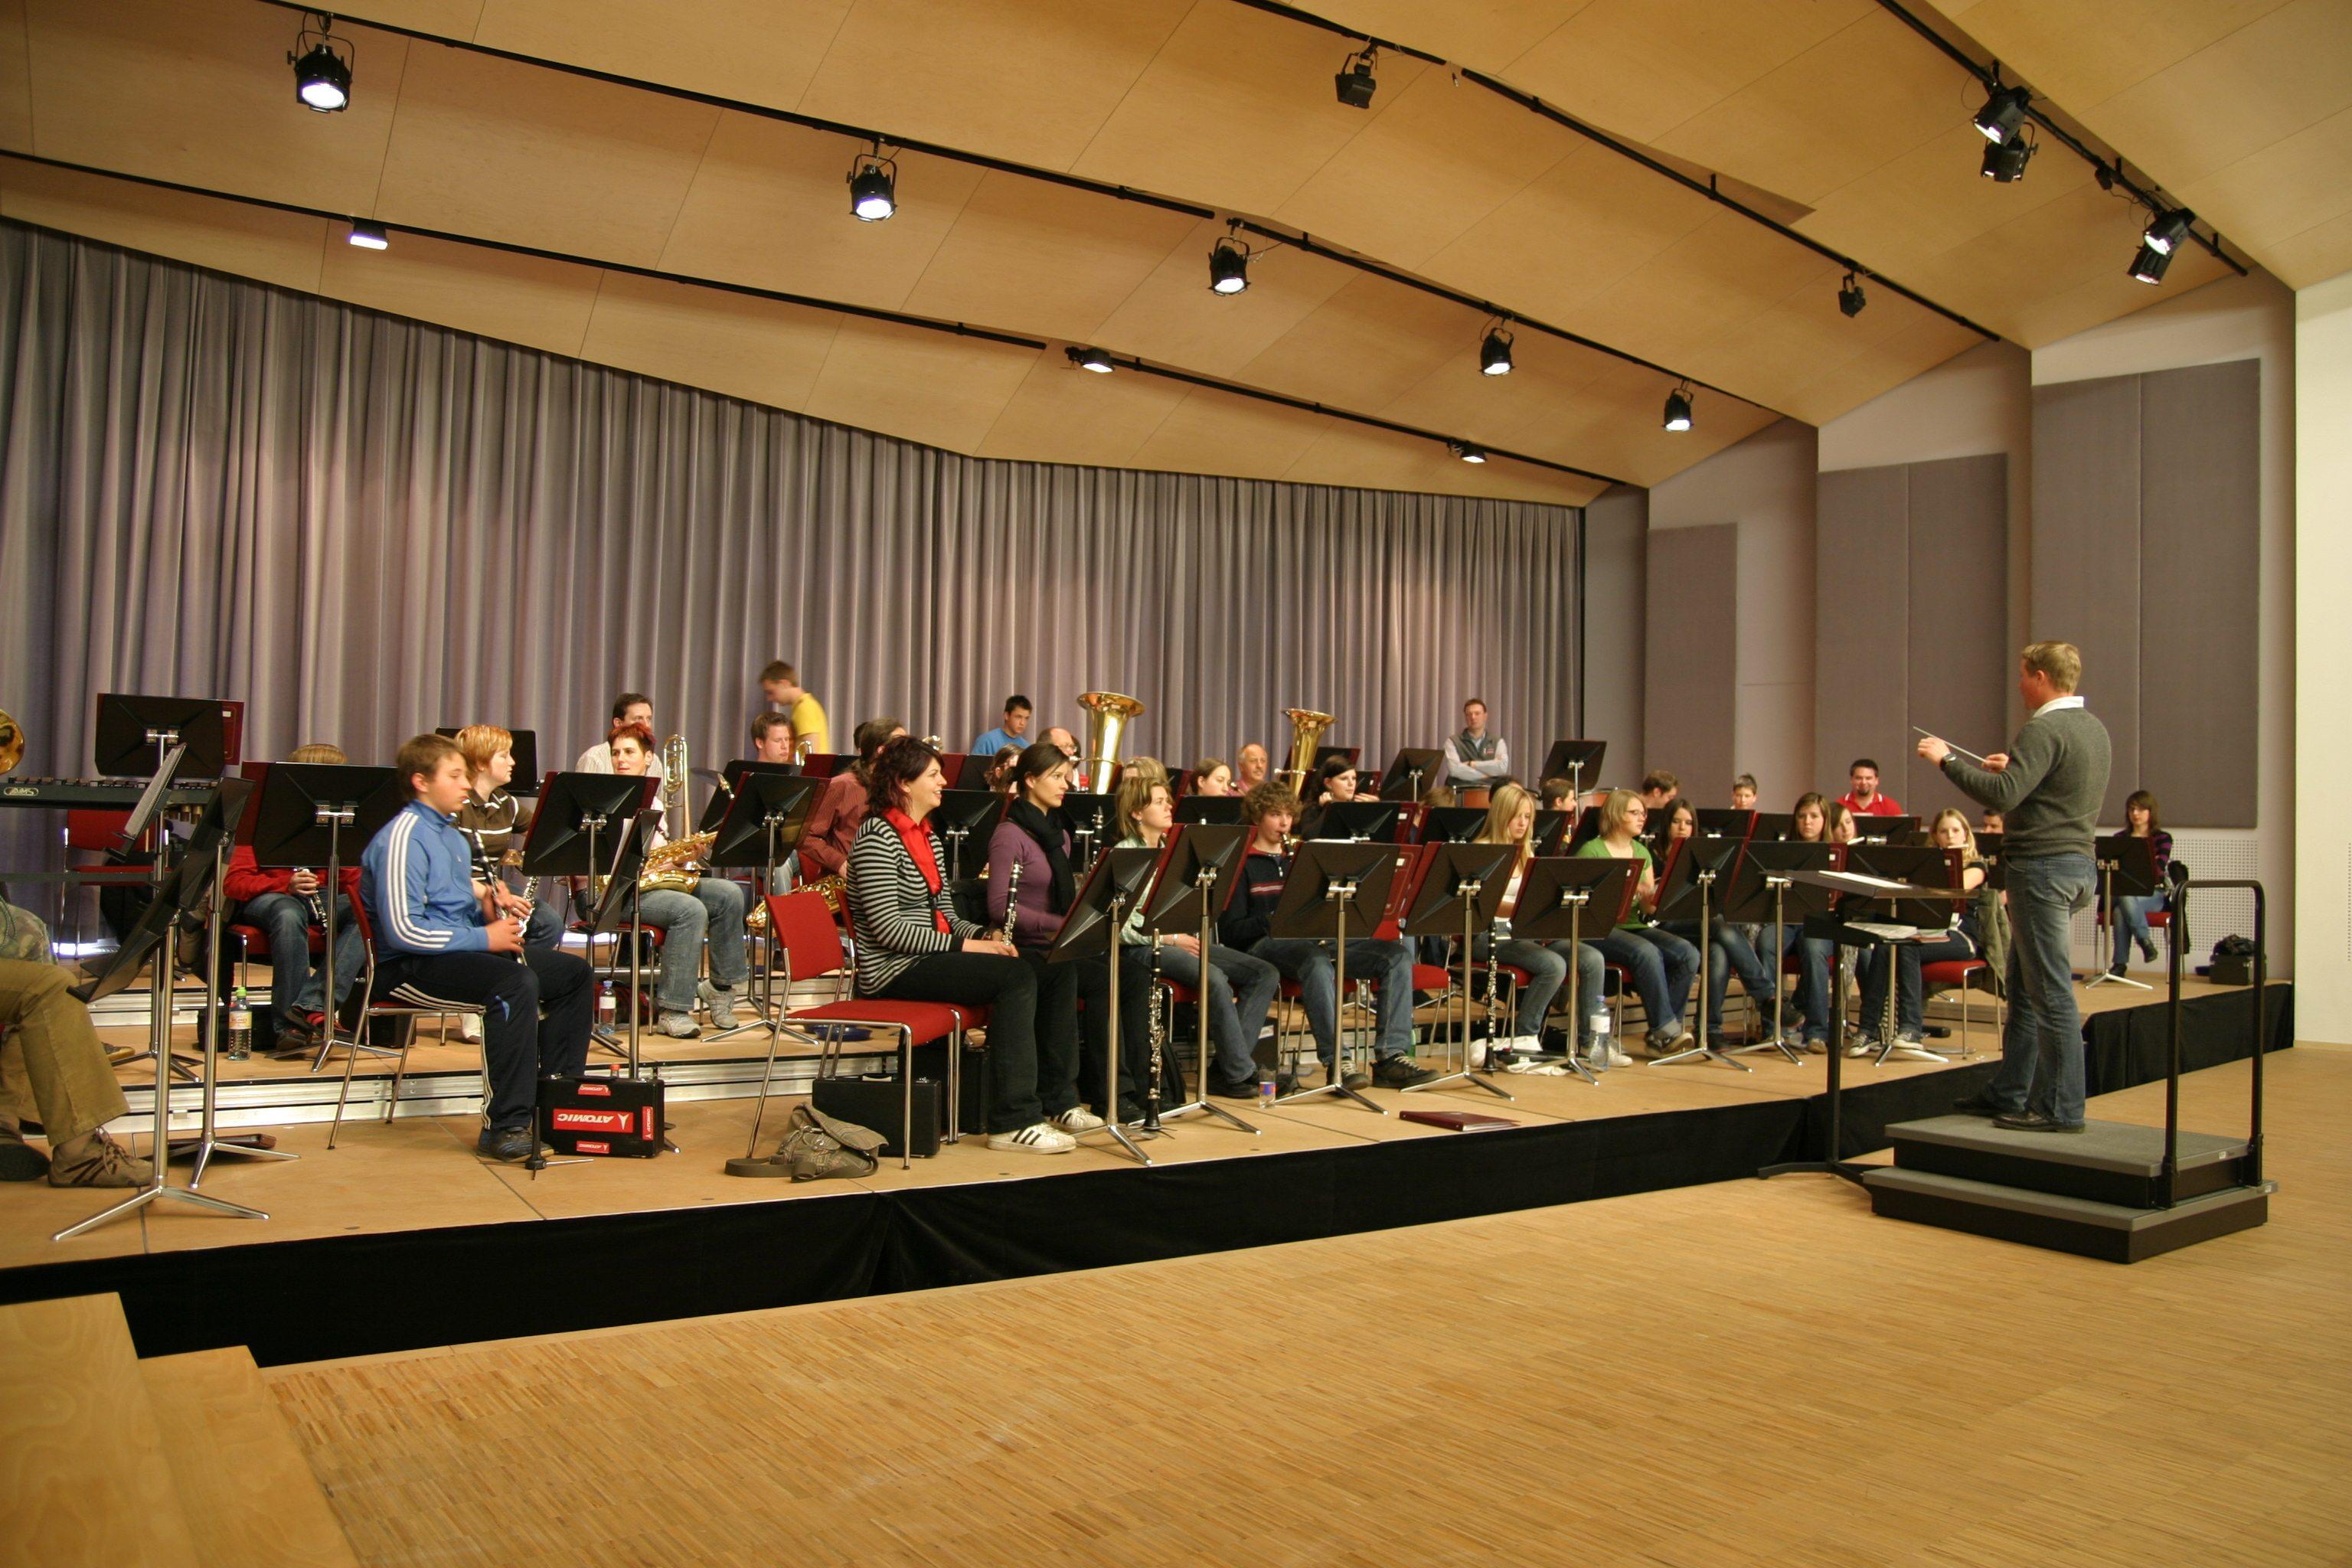 Sie sehen Konzertsaal des Musikzentrums Knappenberg mit Orchester. JUFA Hotels bietet den idealen Platz zum Musizieren und Singen in der Gemeinschaft in abwechslungsreichen Regionen.